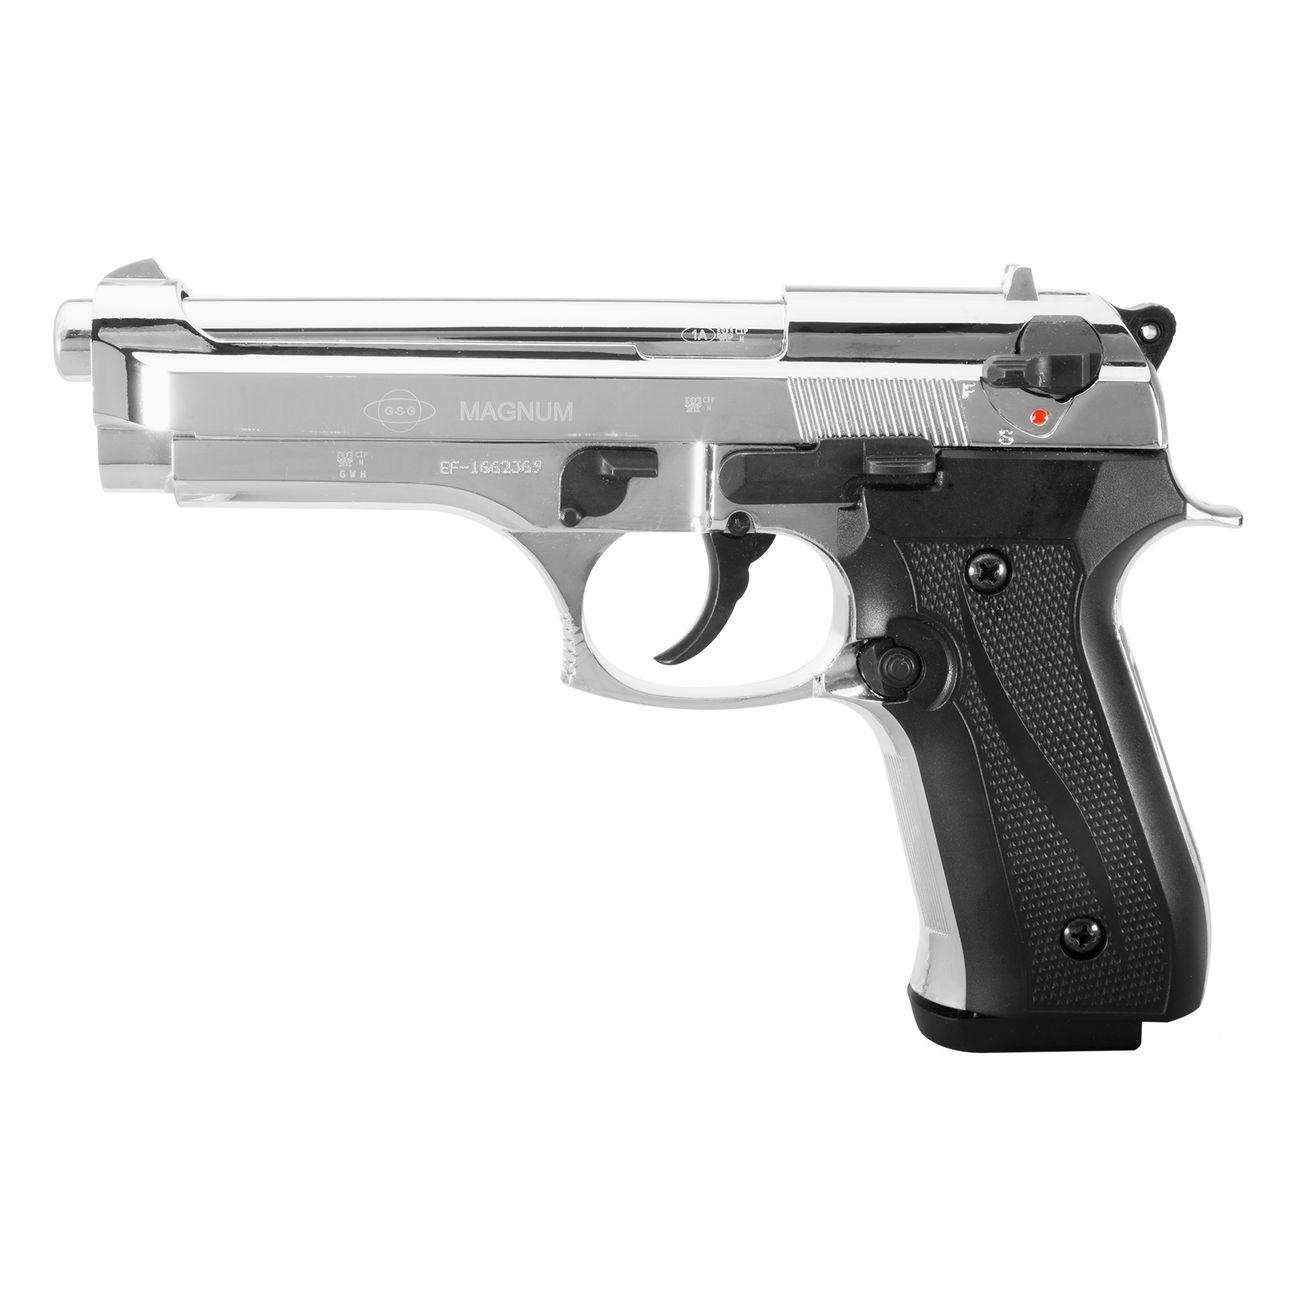 ekol firat magnum schreckschuss pistole chrom kal 9mm p a. Black Bedroom Furniture Sets. Home Design Ideas